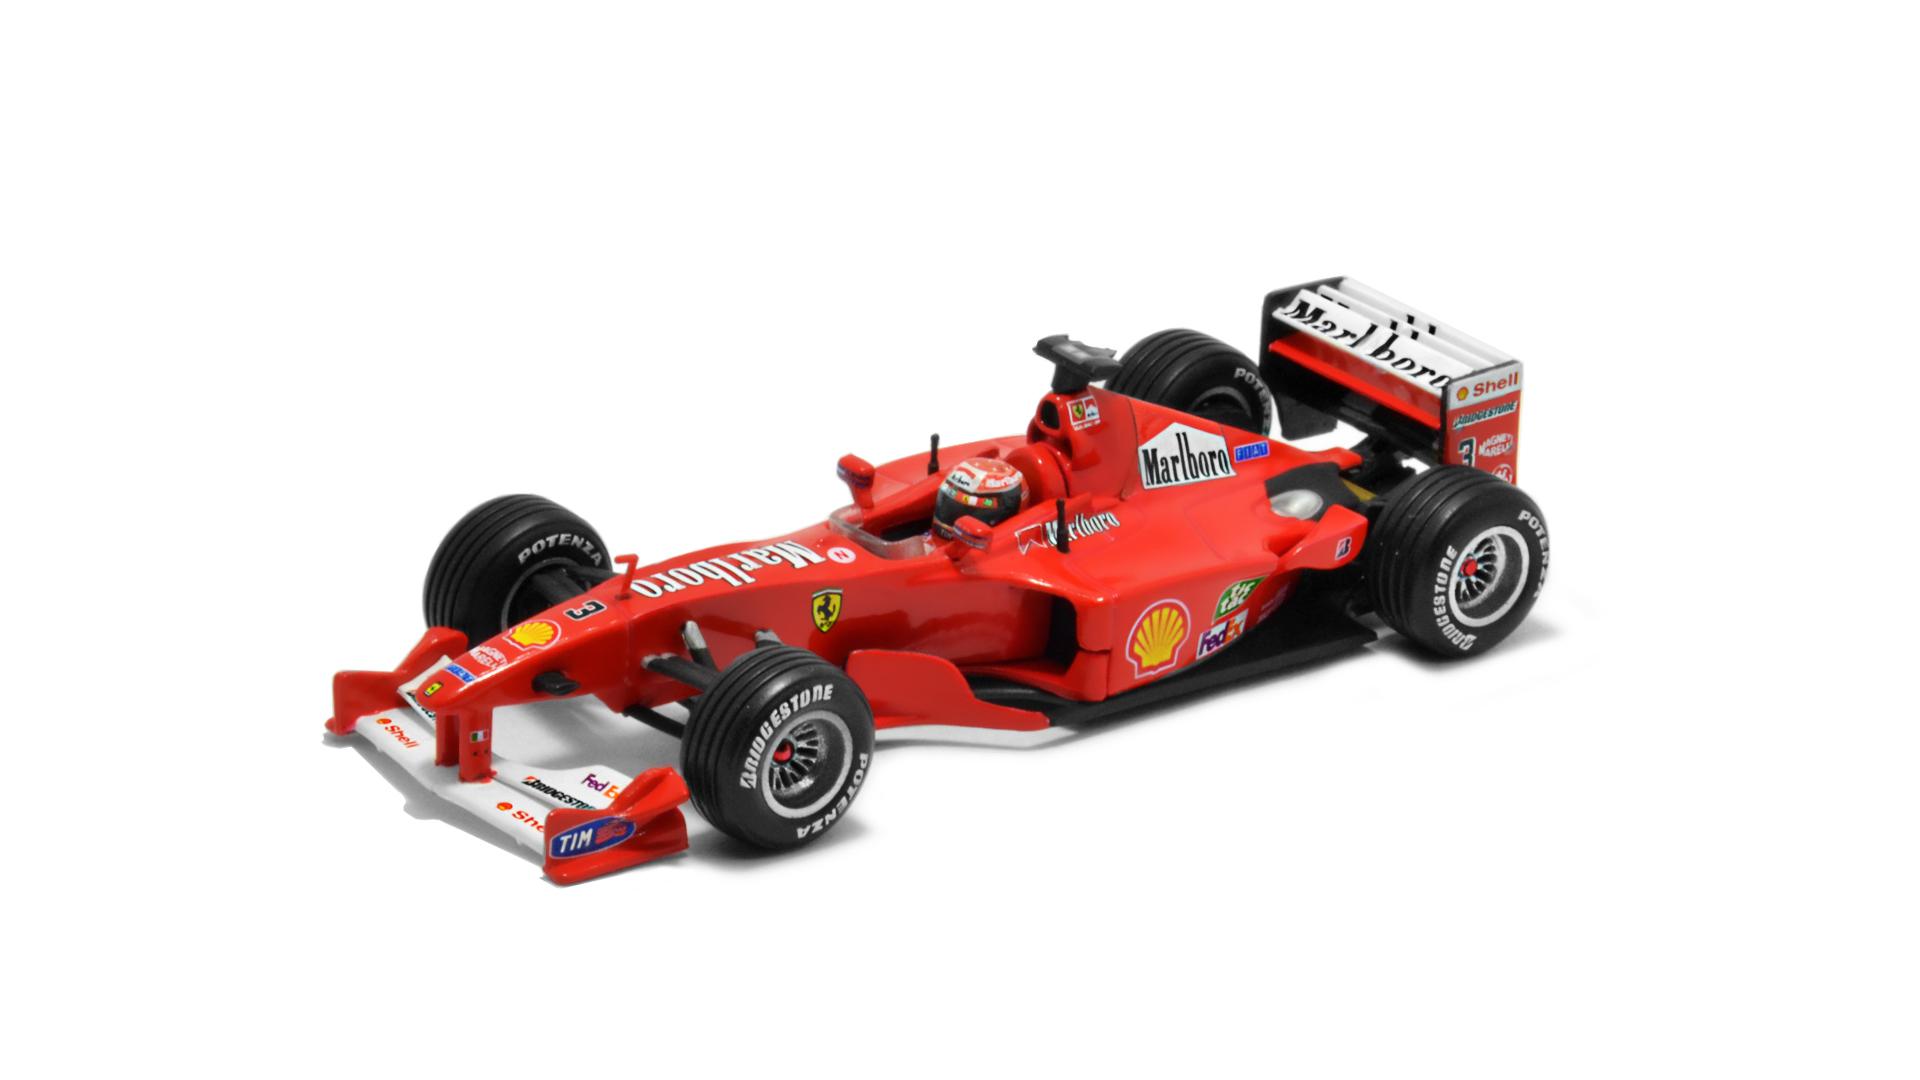 Év: 2000<br />Modell: F1-2000<br />Gyártó: Hot Wheels<br />Pilóta: Michael Schumacher